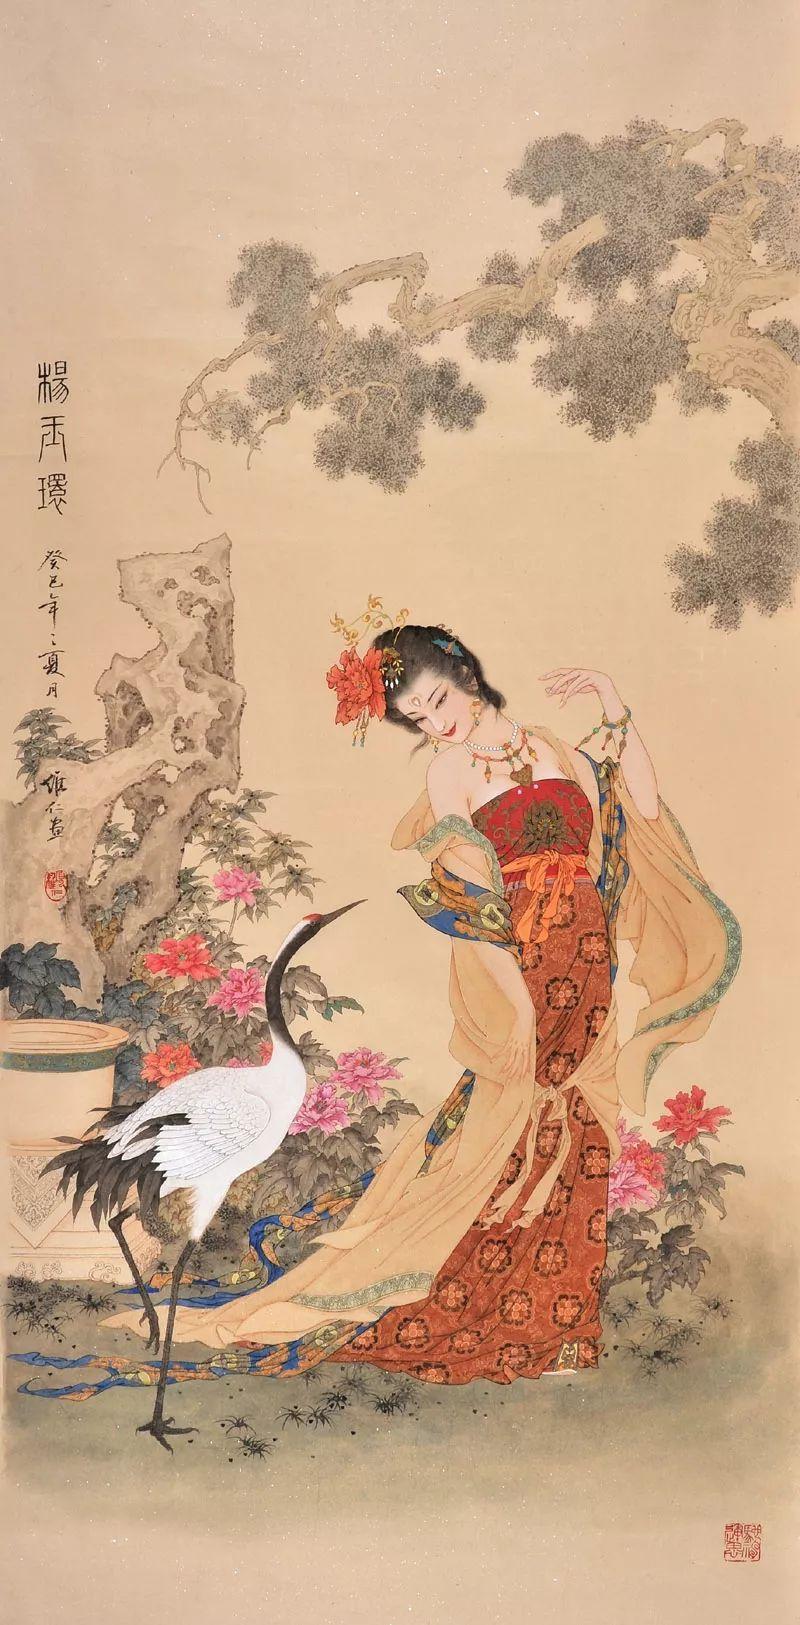 【国画】工笔重彩人物画赏析(8幅大图) 兰质蕙心、 貌美如花